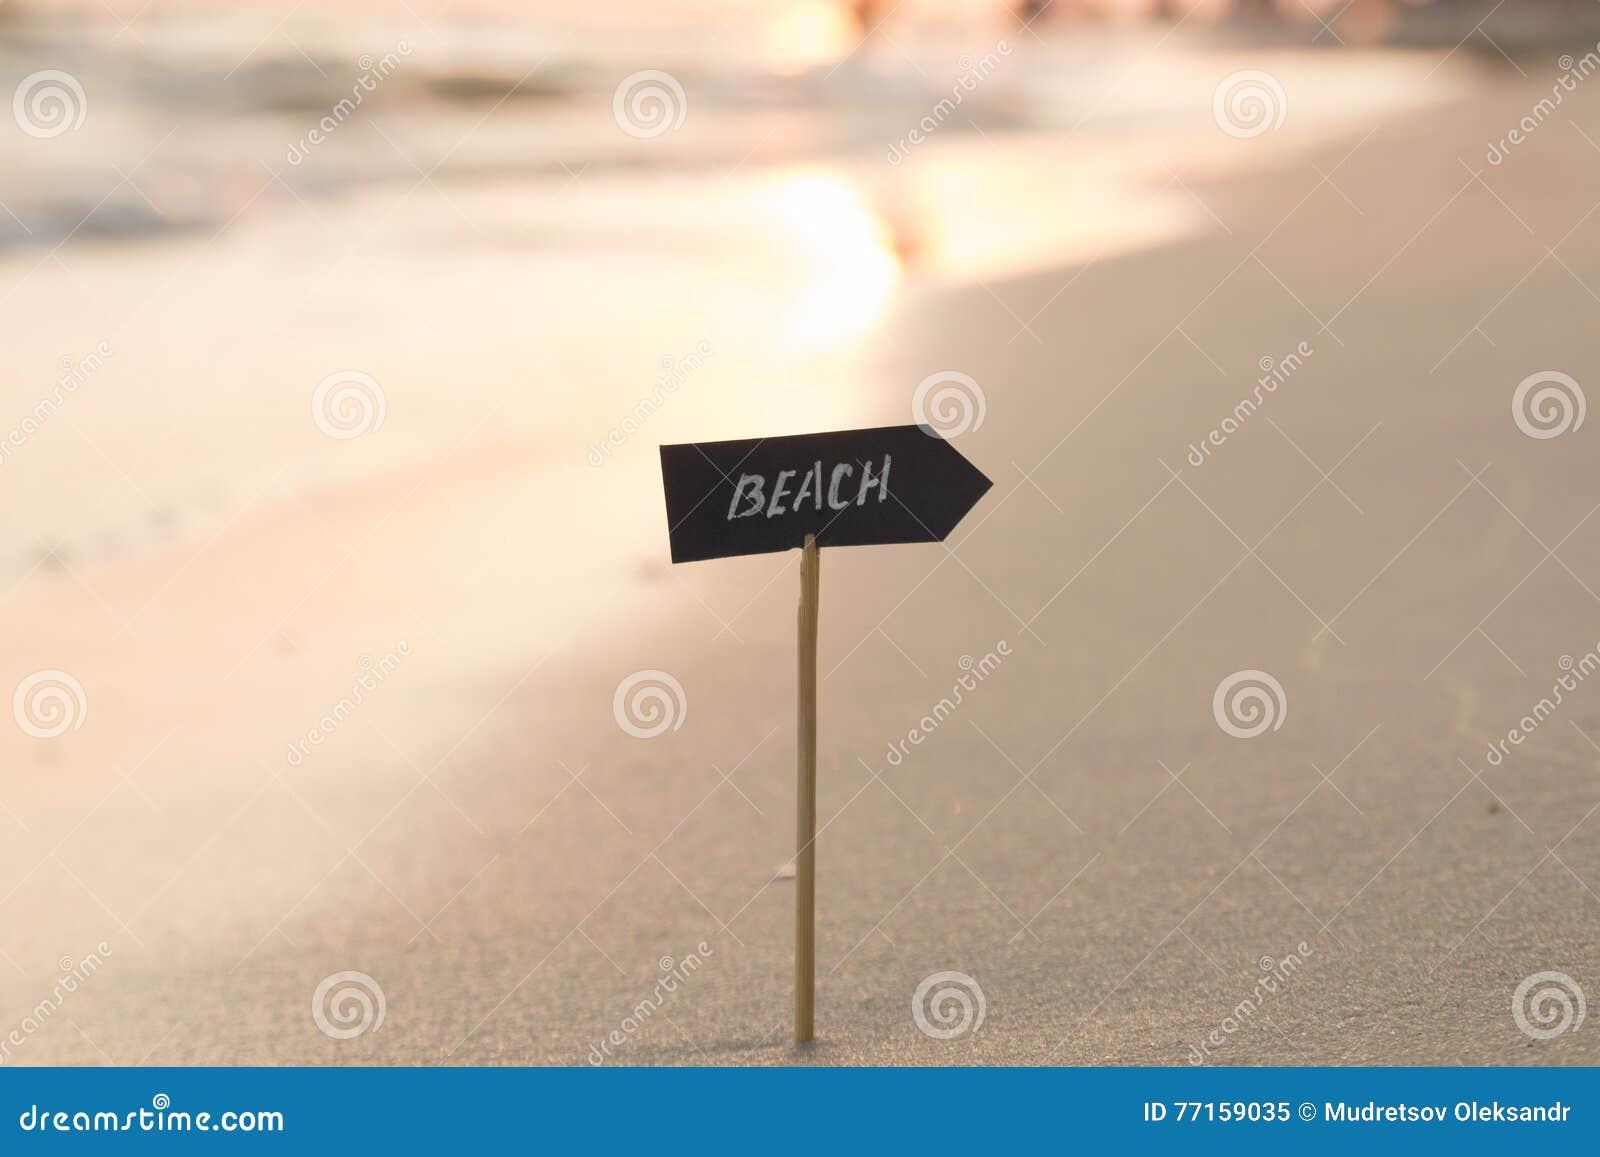 Idée de vacances, de voyage ou de vacances - échouez le signe et le coucher du soleil